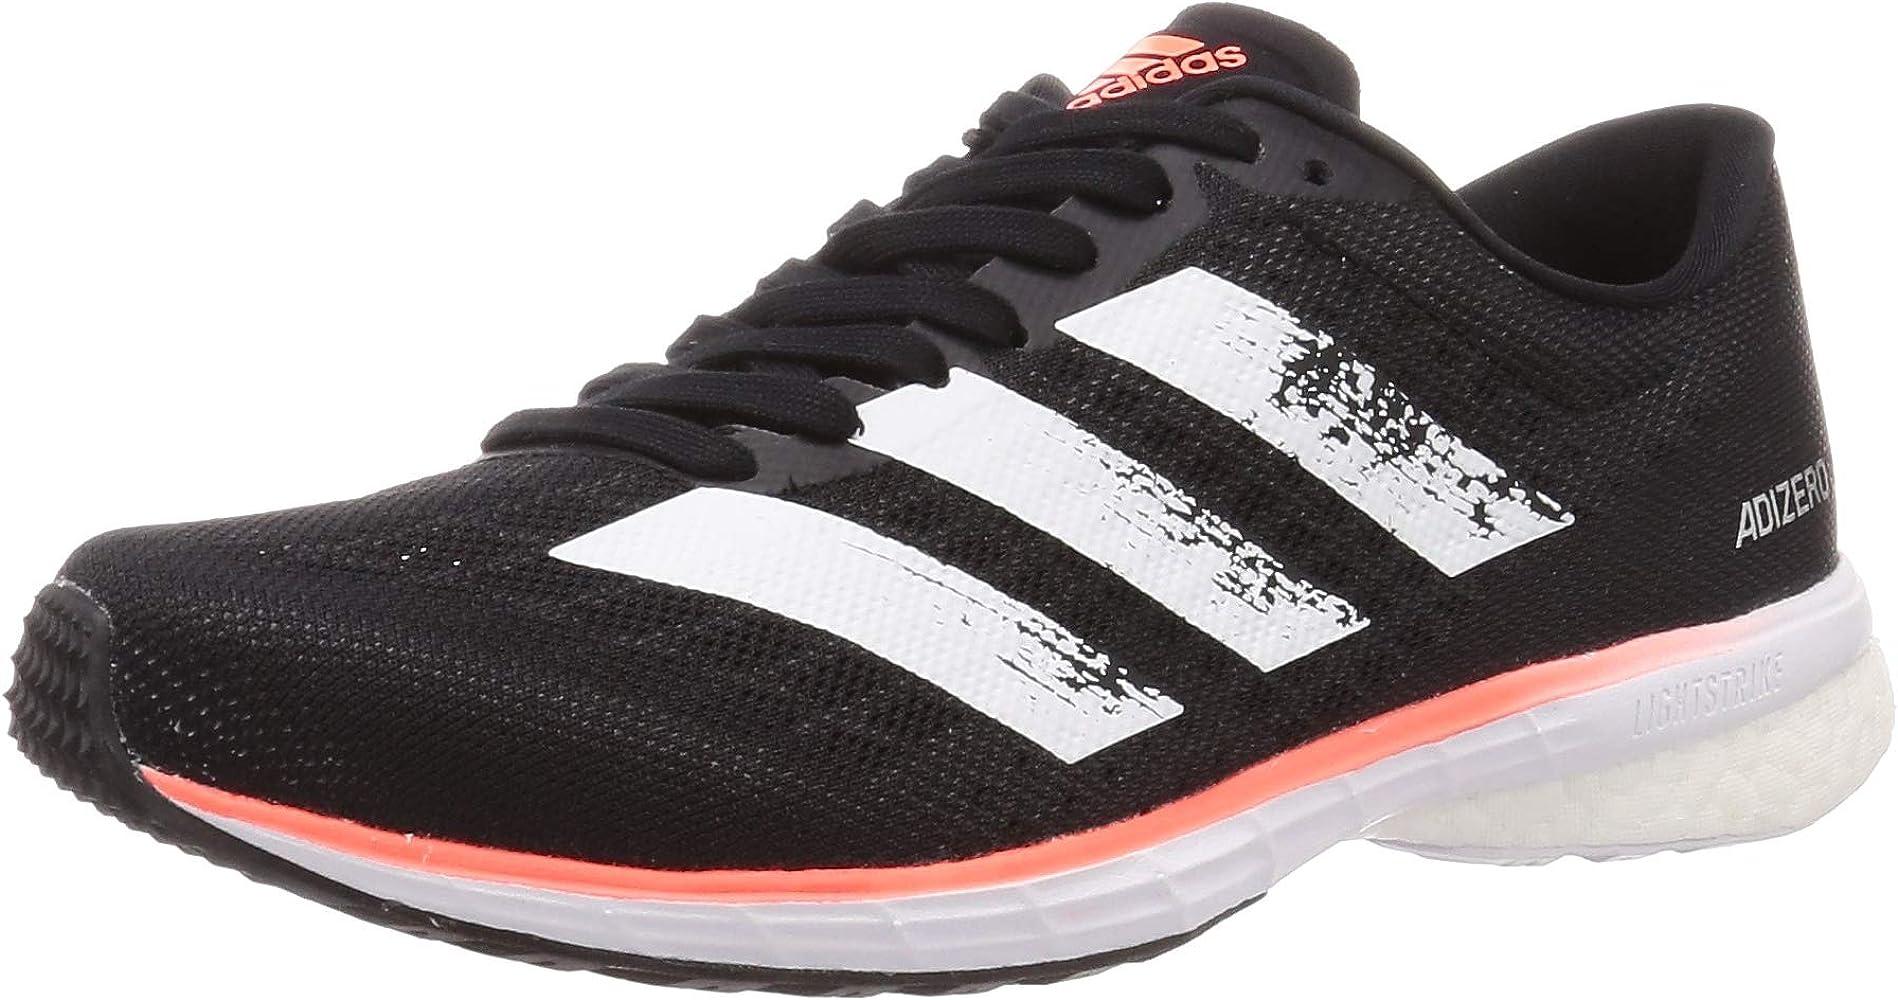 Adidas Adizero Adios 5 m, Zapatillas para Correr para Hombre, Core ...